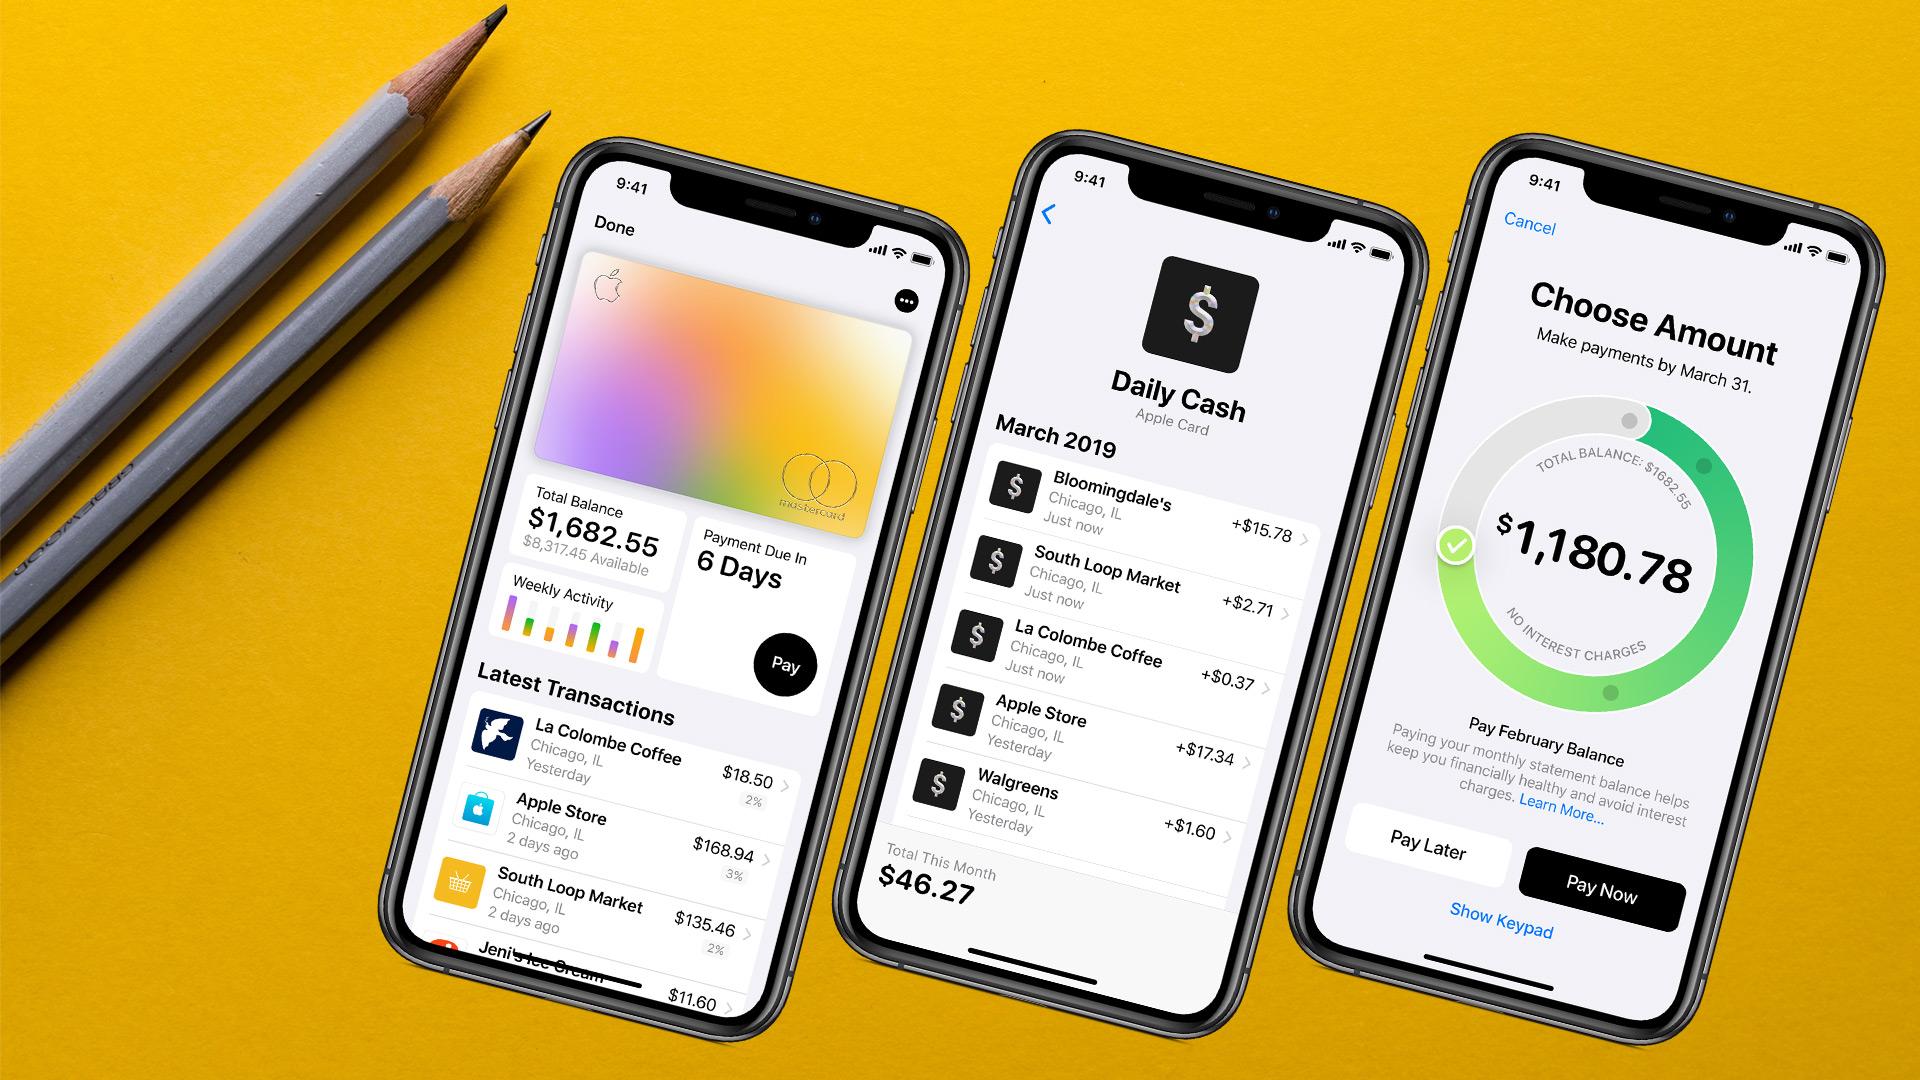 Una guía completa para usar Apple Card en iPhone: Aproveche al máximo